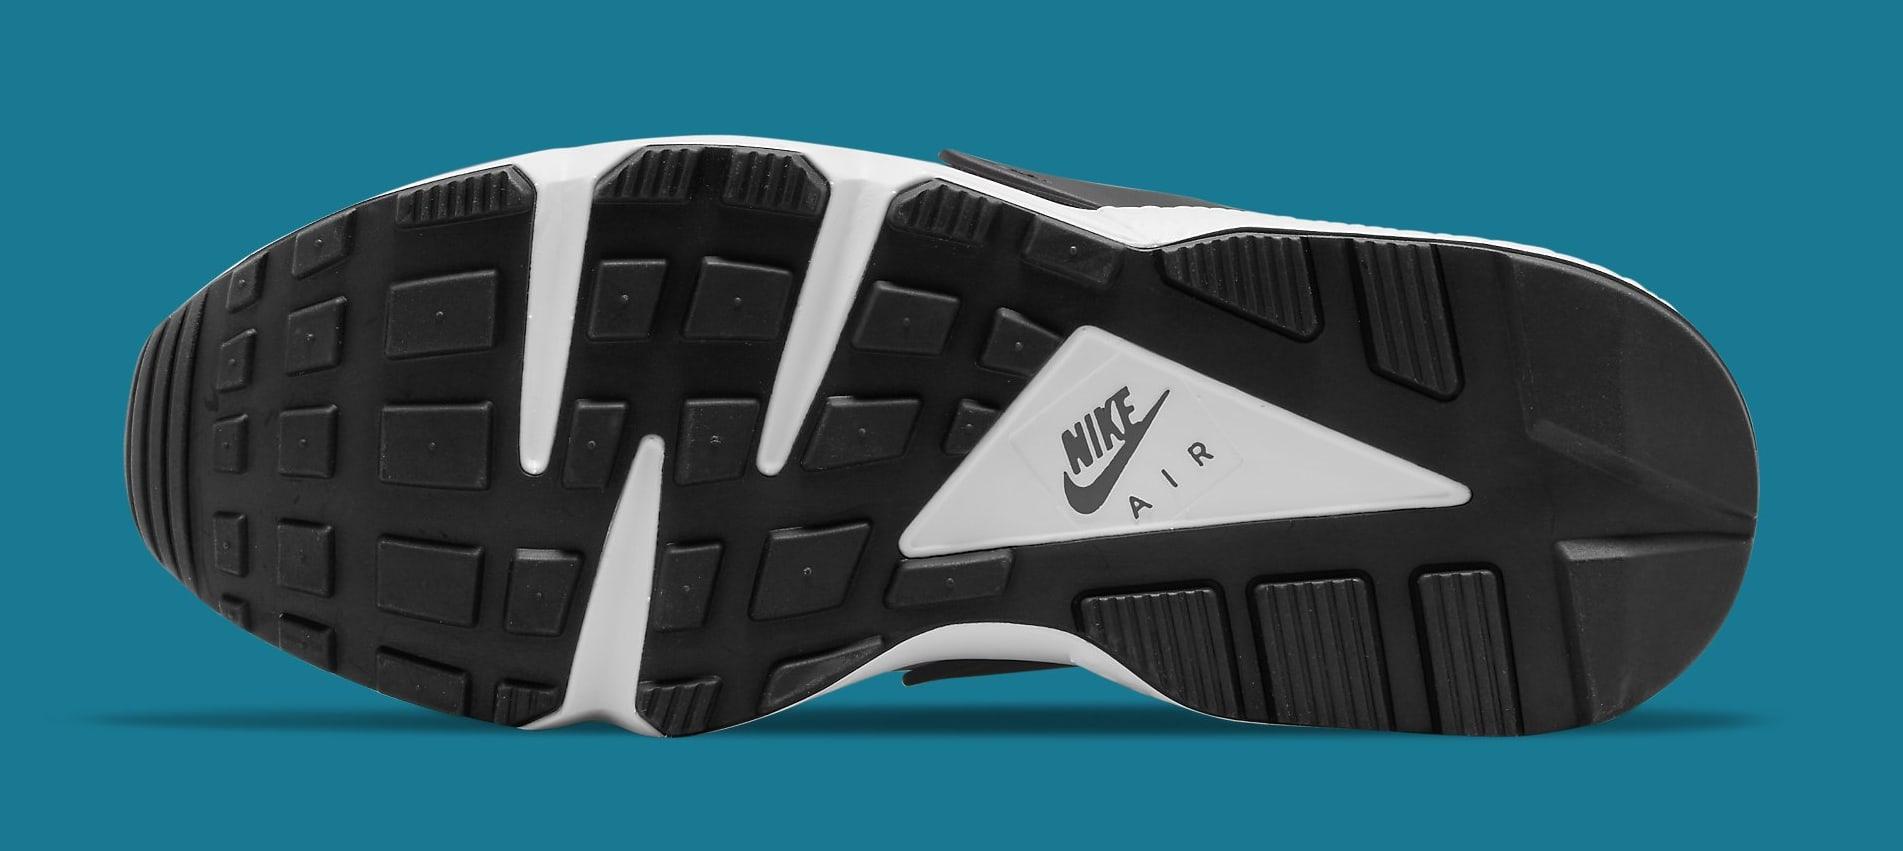 Nike Air Huarache 'Aquatone' DD1068-103 Outsole